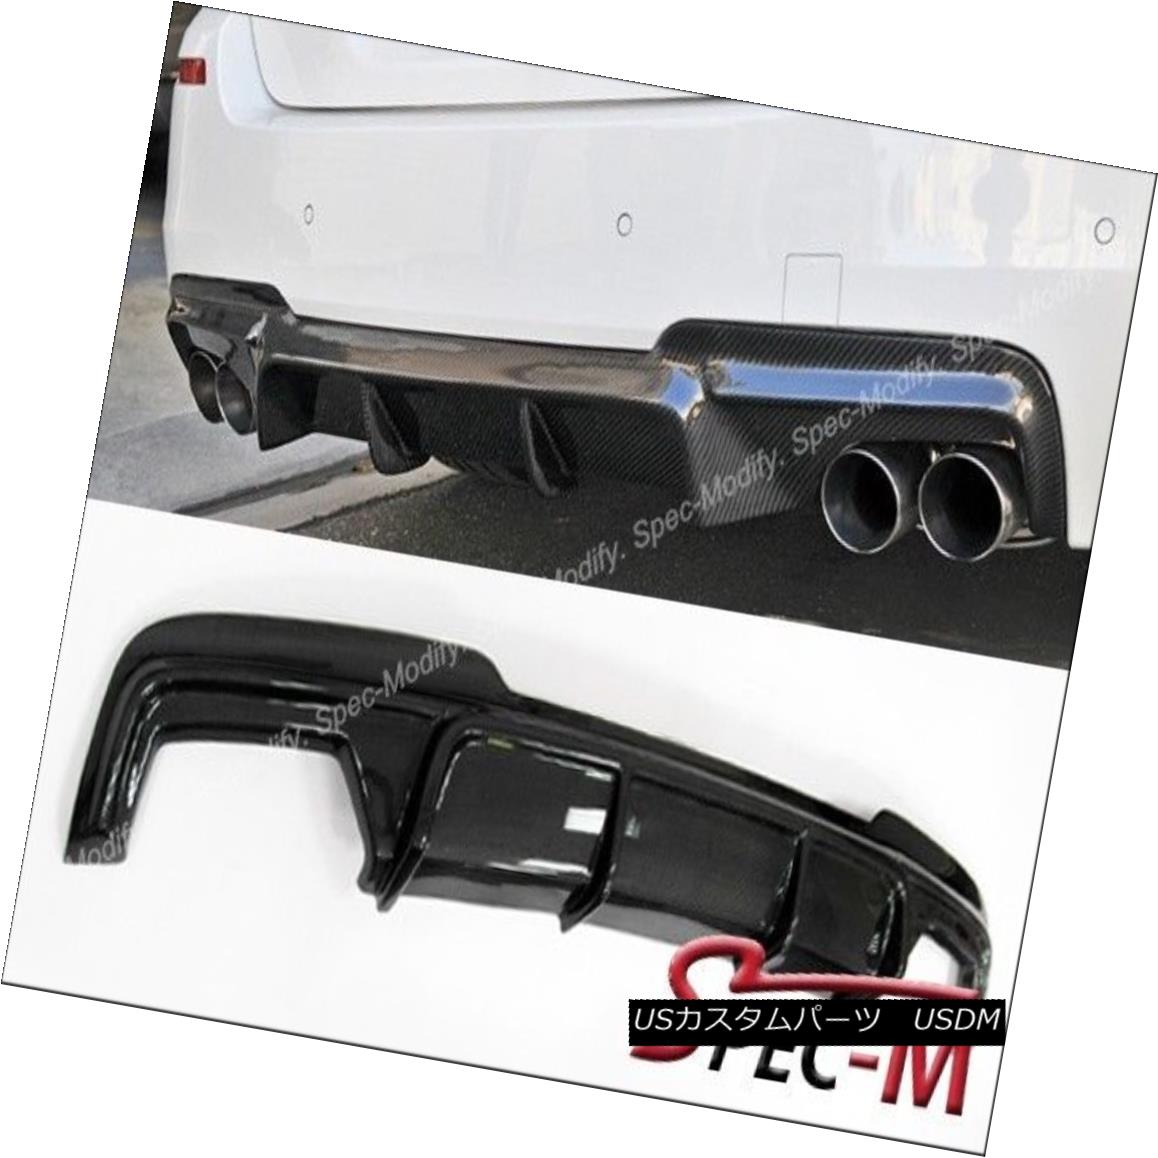 エアロパーツ V Type Carbon Fiber Rear Bumper Diffuser Lip For 2011+ F10 535i M Sports Bumper Vタイプカーボンファイバーリアバンパーディフューザーリップ2011 + F10 535i Mスポーツバンパー